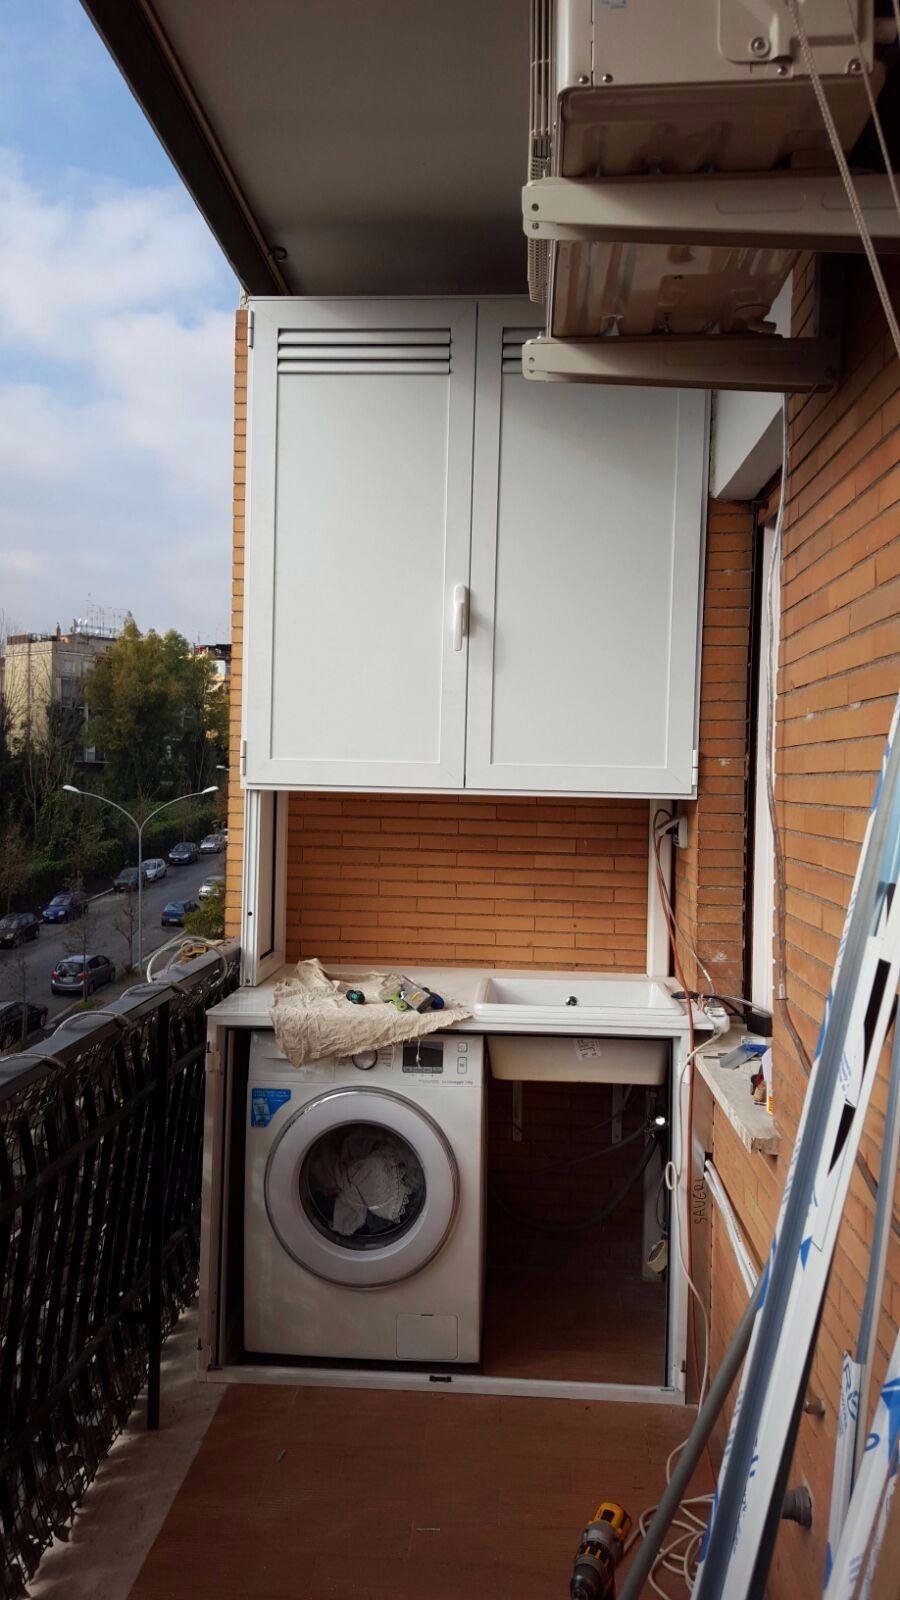 Armadio basso copri lavatrice con grate di areazione, aperto